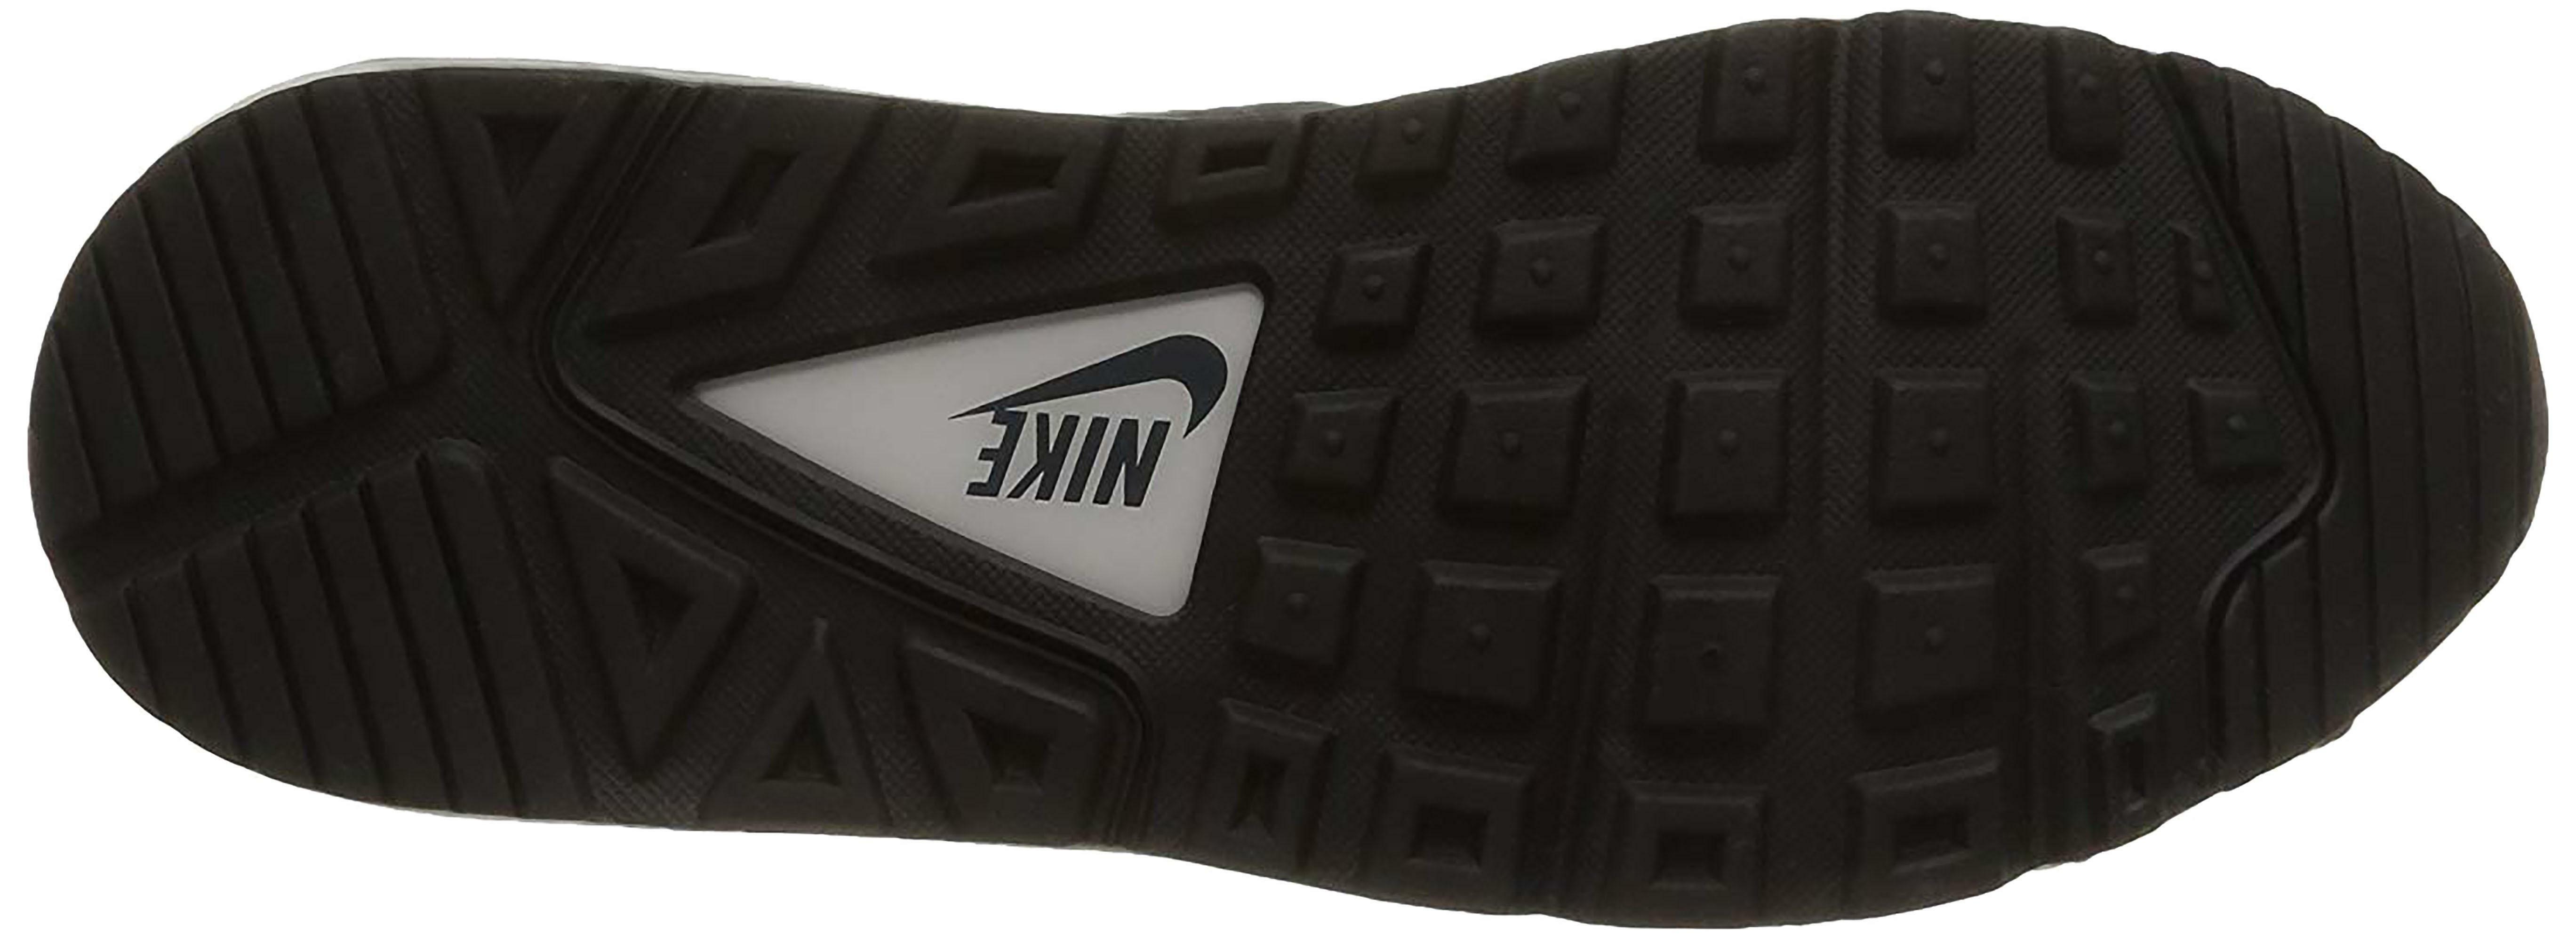 Chaussures pour homme sport cuir Noir en Nike Command de 749760001 Air Max rqgrC